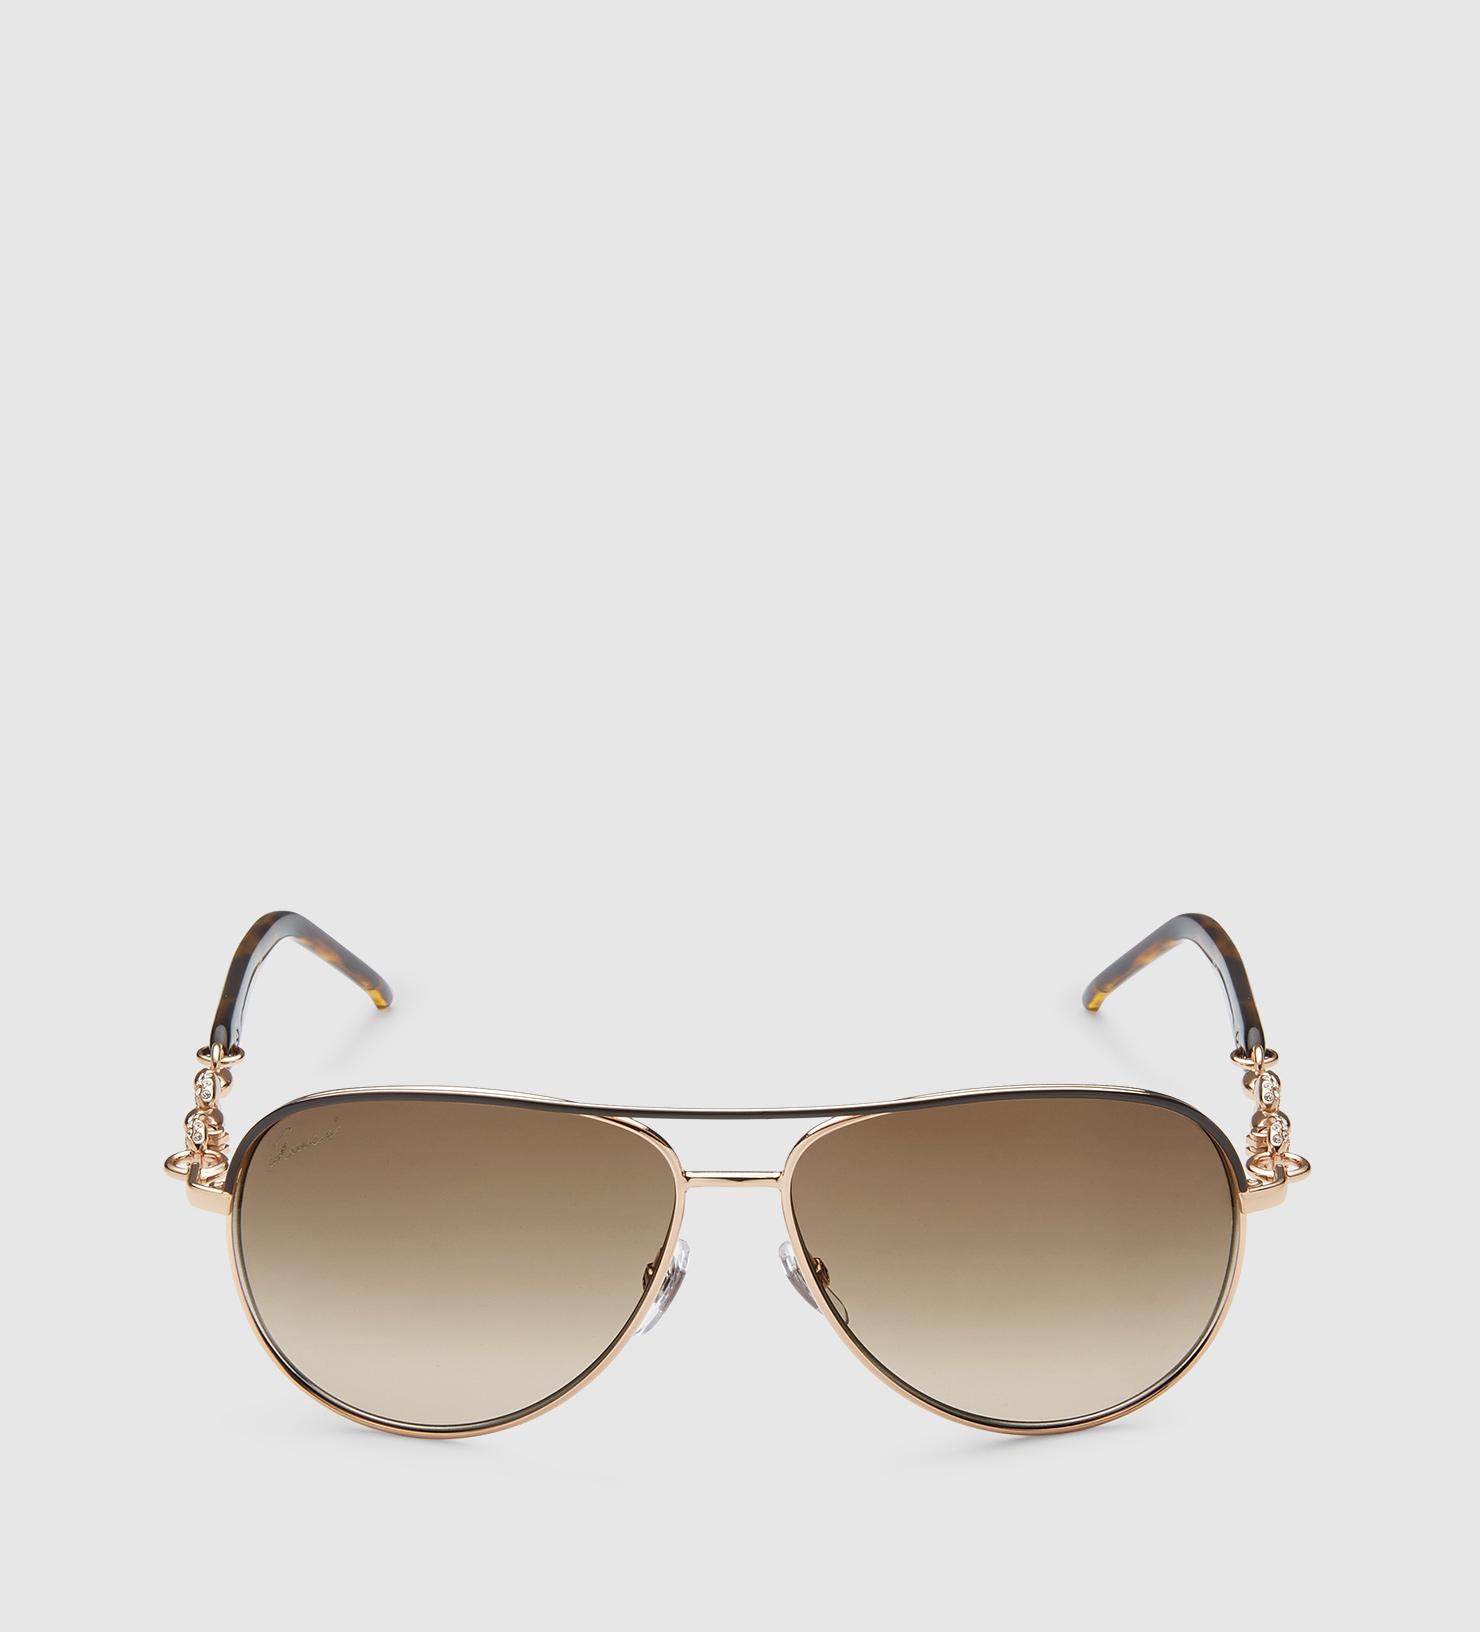 ac4d4cbe047 Lyst - Gucci Acetate Aviator Sunglasses With Marina Chain in Black